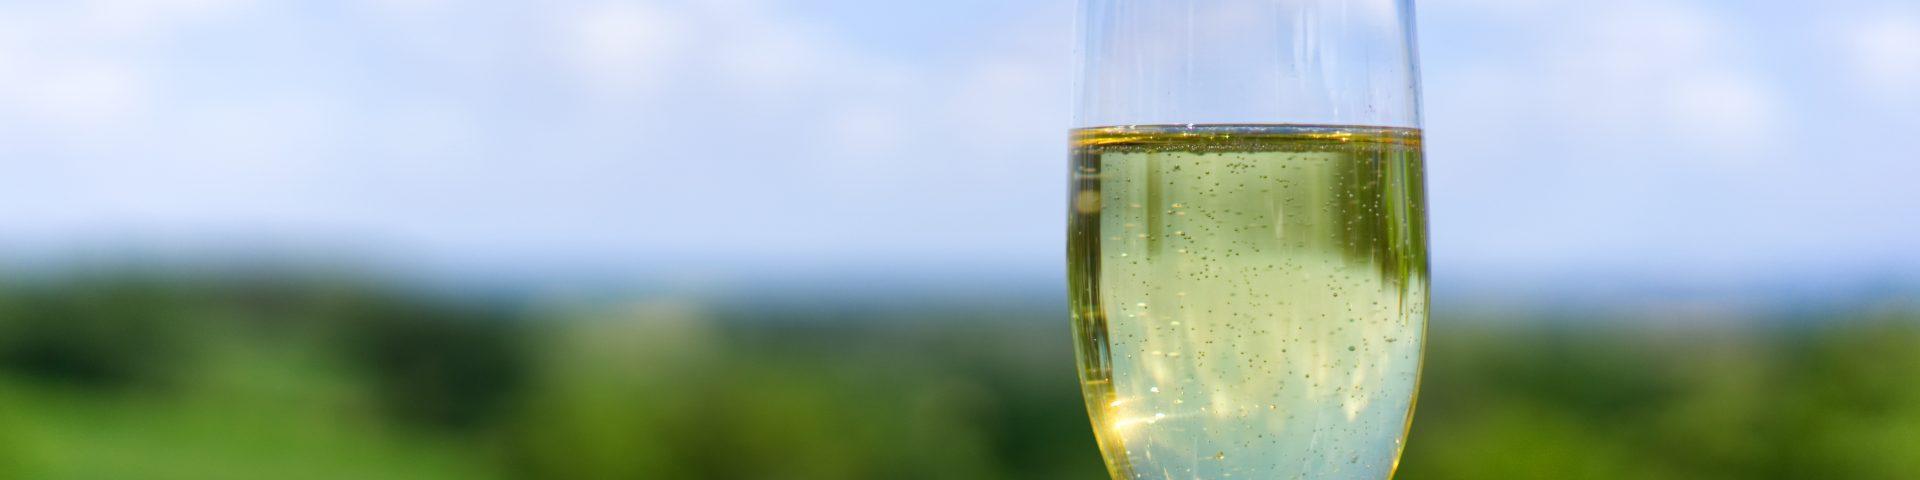 champagne 3599797 1920x480 - Moje ulubione polskie wina musujące